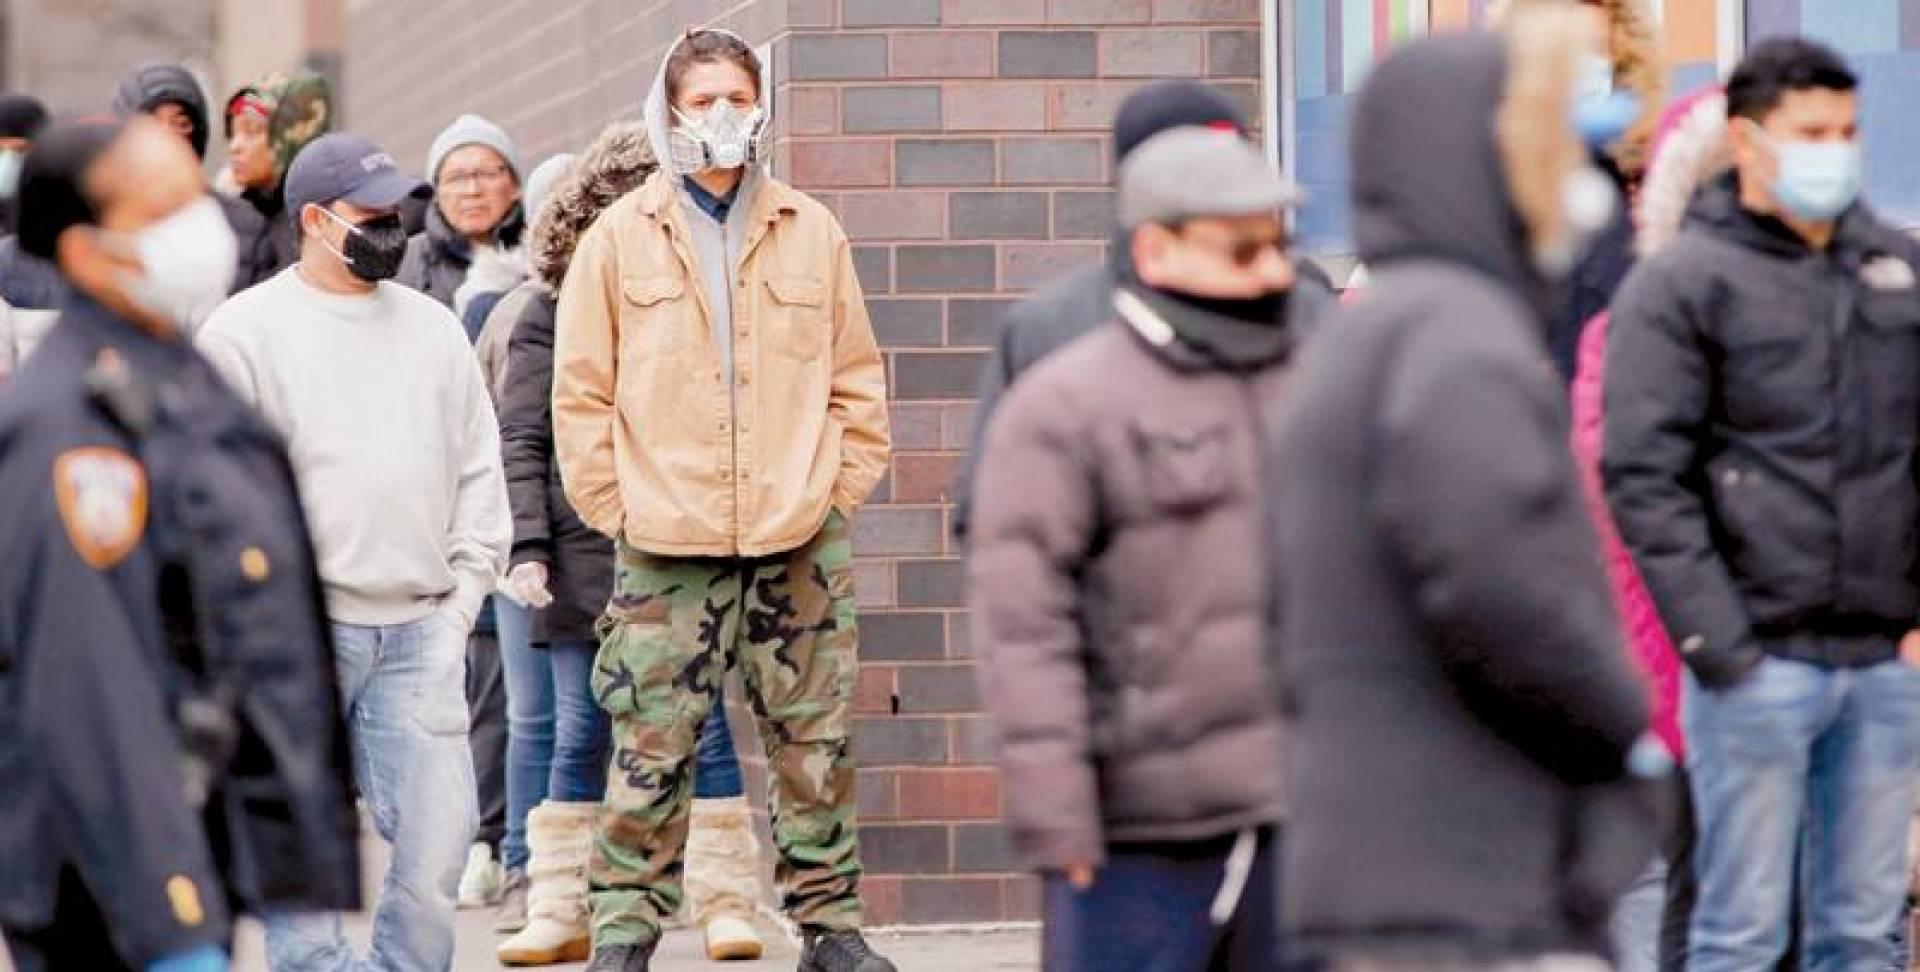 أشخاص ينتظرون دورهم لإجراء فحص «كورونا» خارج مستشفى «إلمهورست» في حي كوينز بمدينة نيويورك (رويترز)